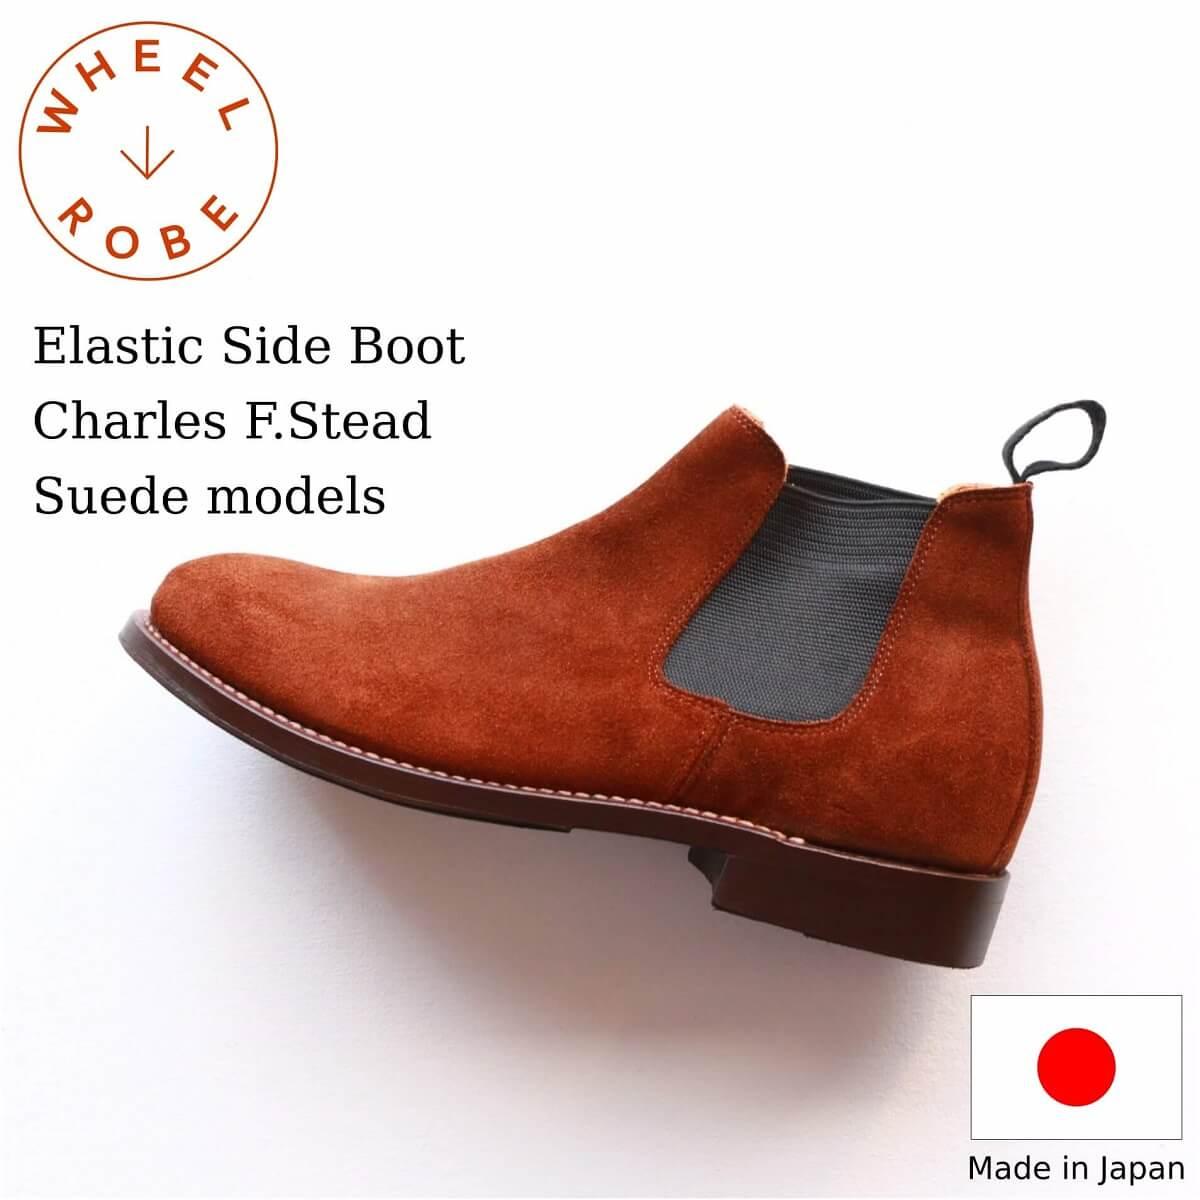 WHEEL ROBE ウィールローブ のELASTIC SIDE BOOTSです 英国Charles F.Stead社製のスウェードを使用した上品な印象のサイドゴアブーツです ELASTIC BOOTS 今ダケ送料無料 Charles 靴 #1228 Last SNUFFメンズ Suede models 特売 アメトラ アメカジ F.Stead エラスティックサイドゴアブーツ OLD